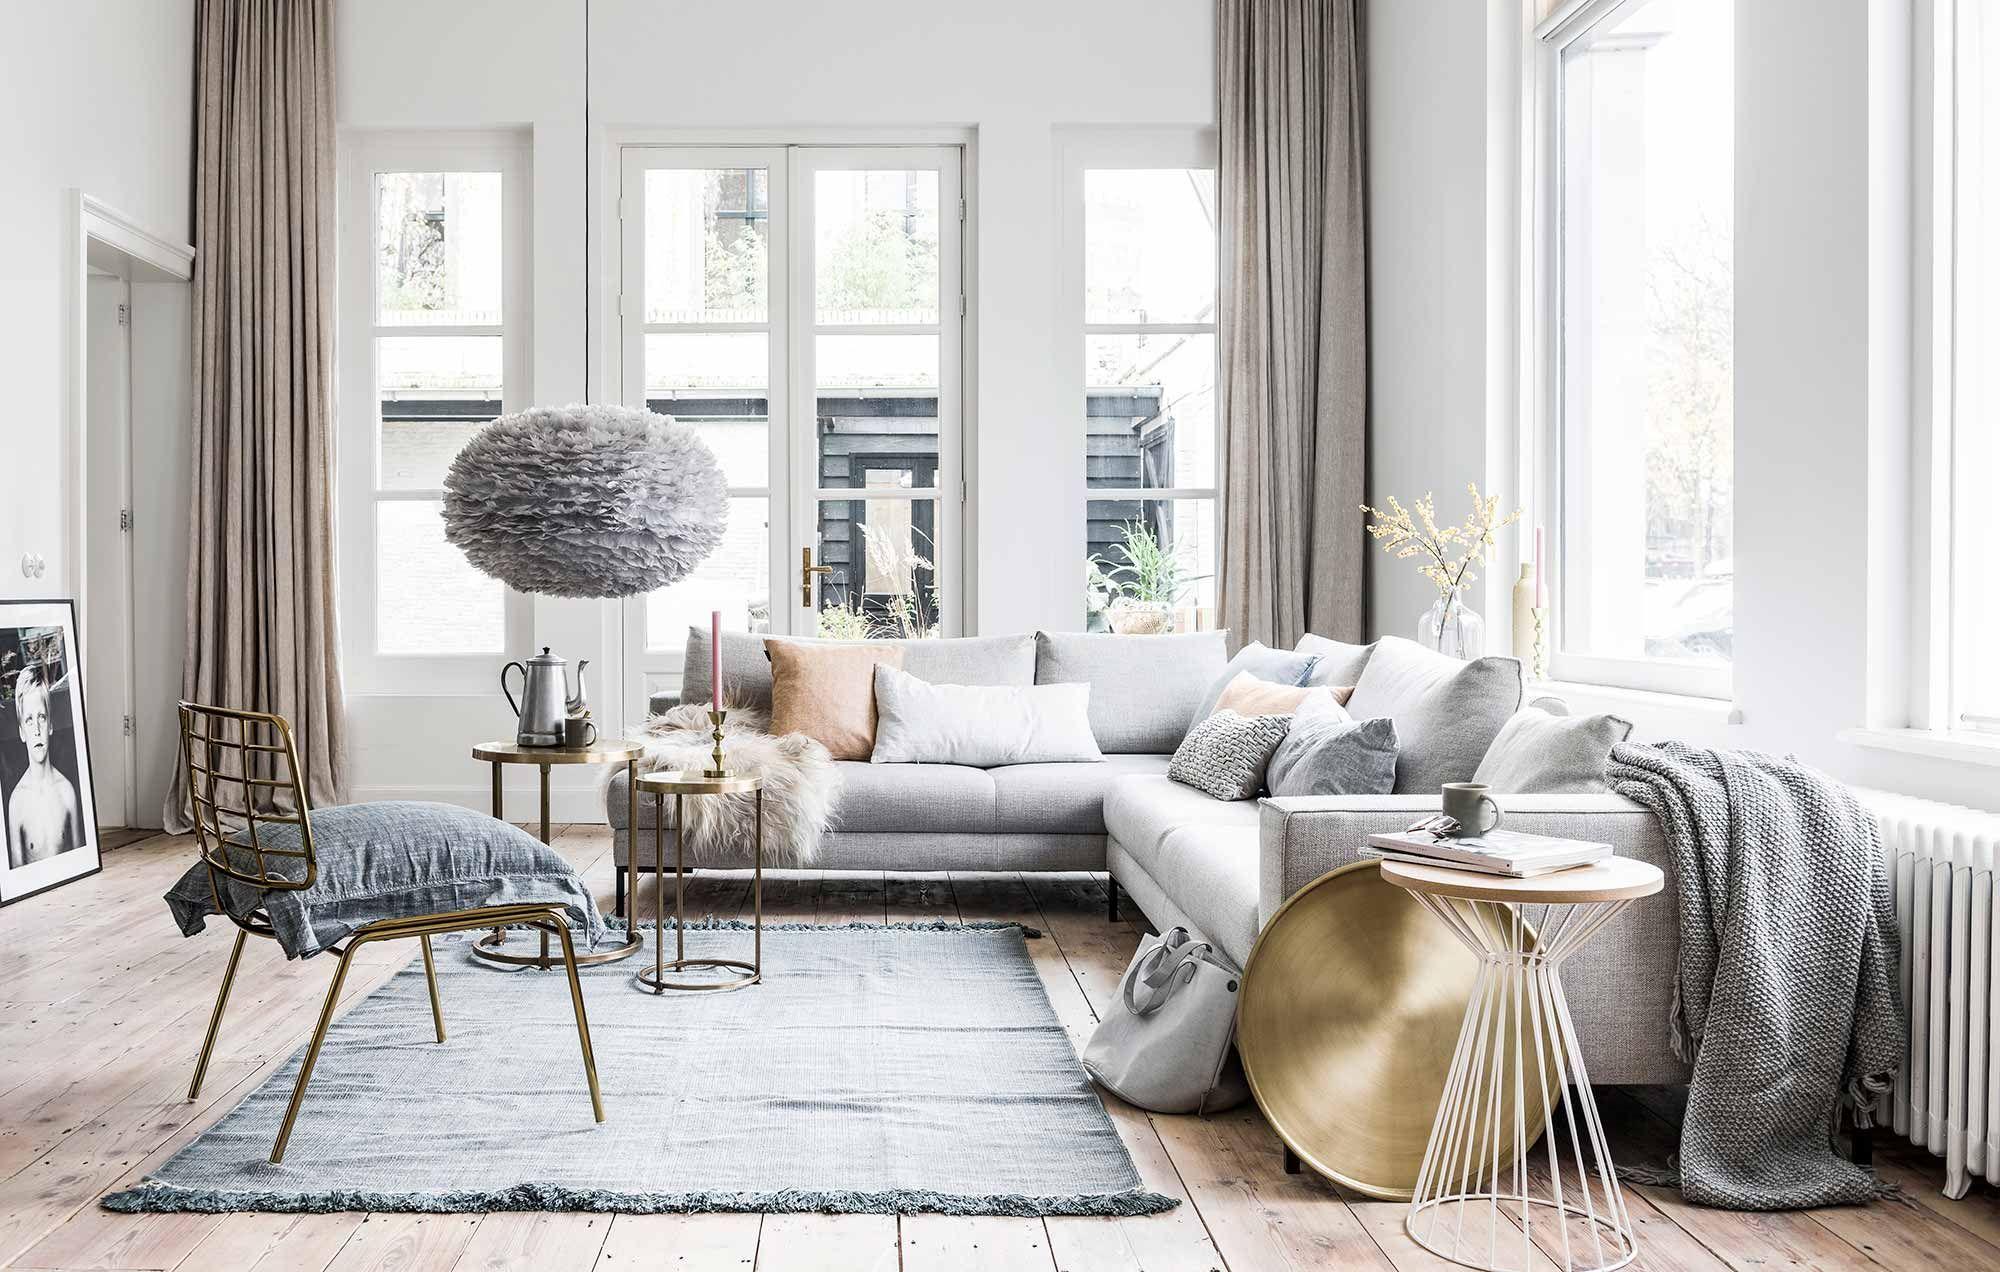 Eetkamer In Woonkamer : Project nieuw vennep een interieuradvies voor woonkamer en